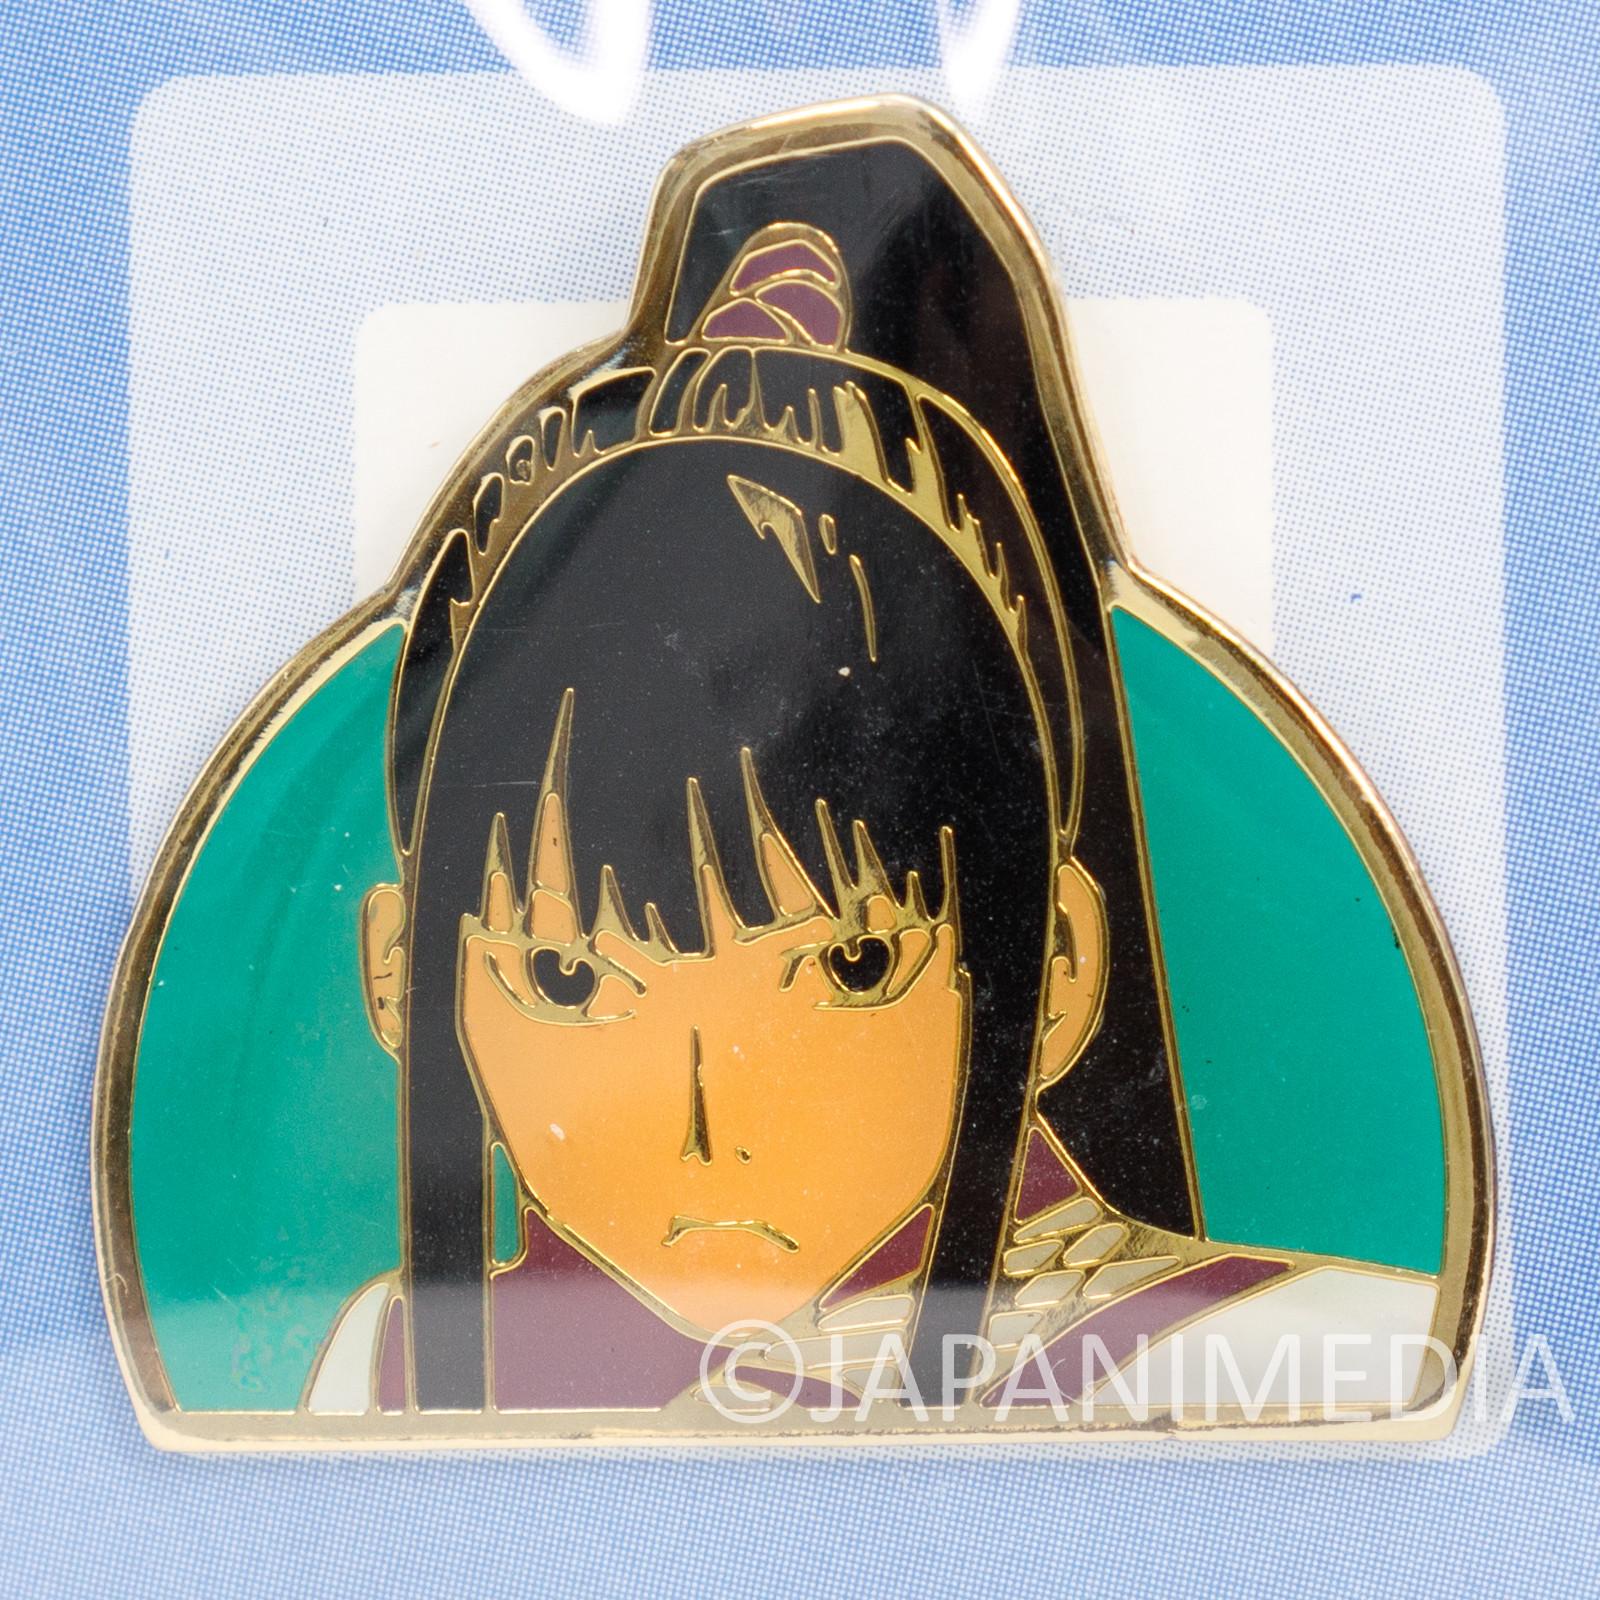 D.Gray-man Yu Kanda Metal Pins JAPAN ANIME MANGA